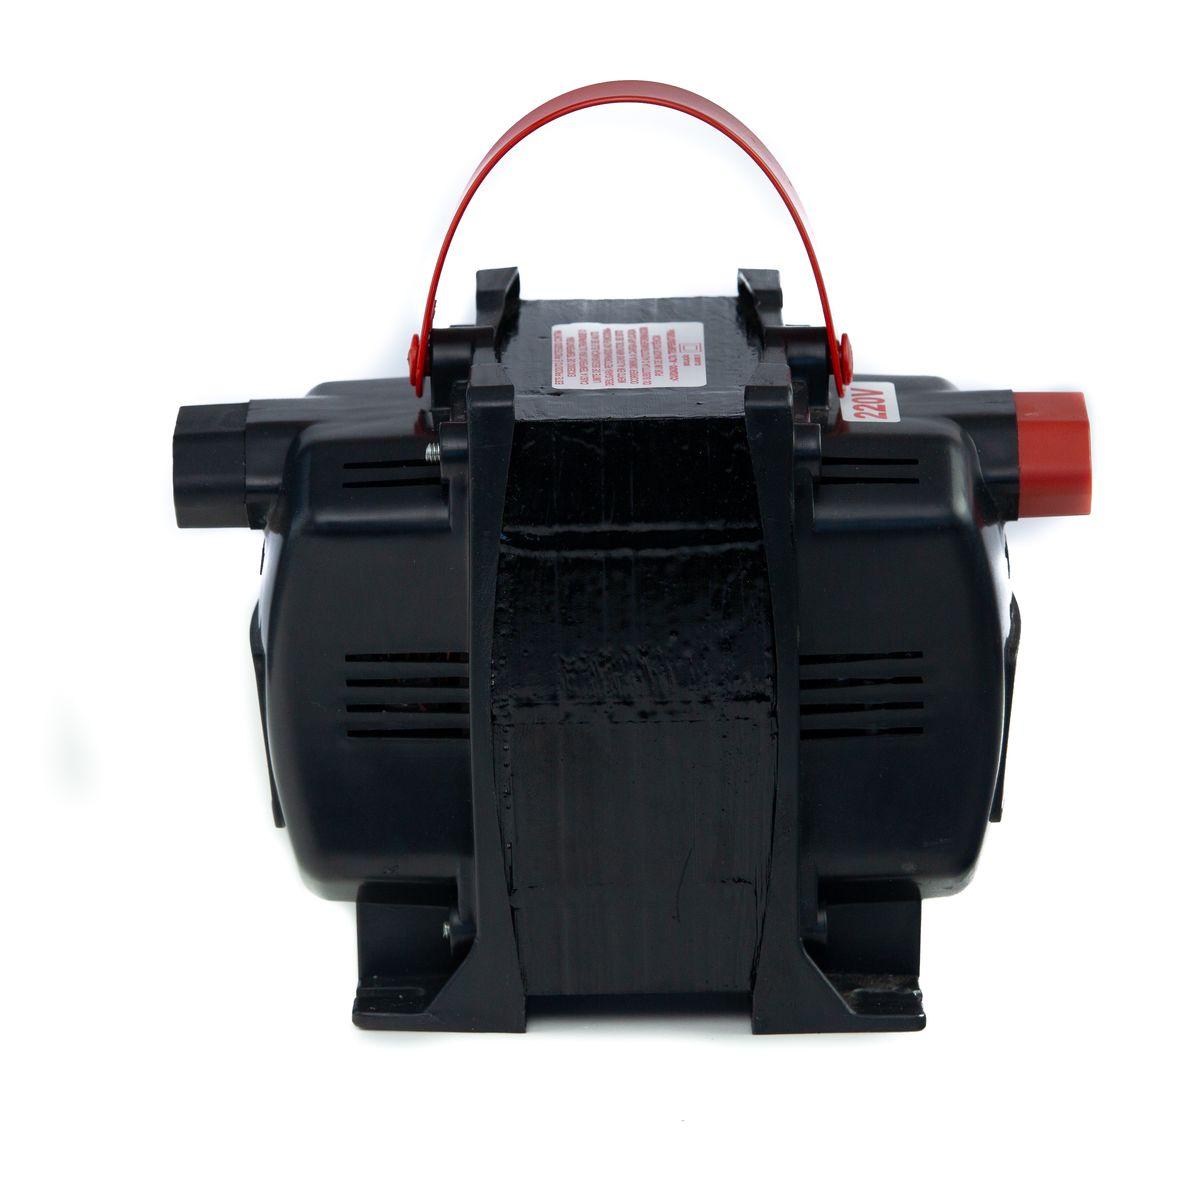 Transformador Fiolux Premium 5000VA Bivolt 110/220 e 220/110 Ref: 5000 VA